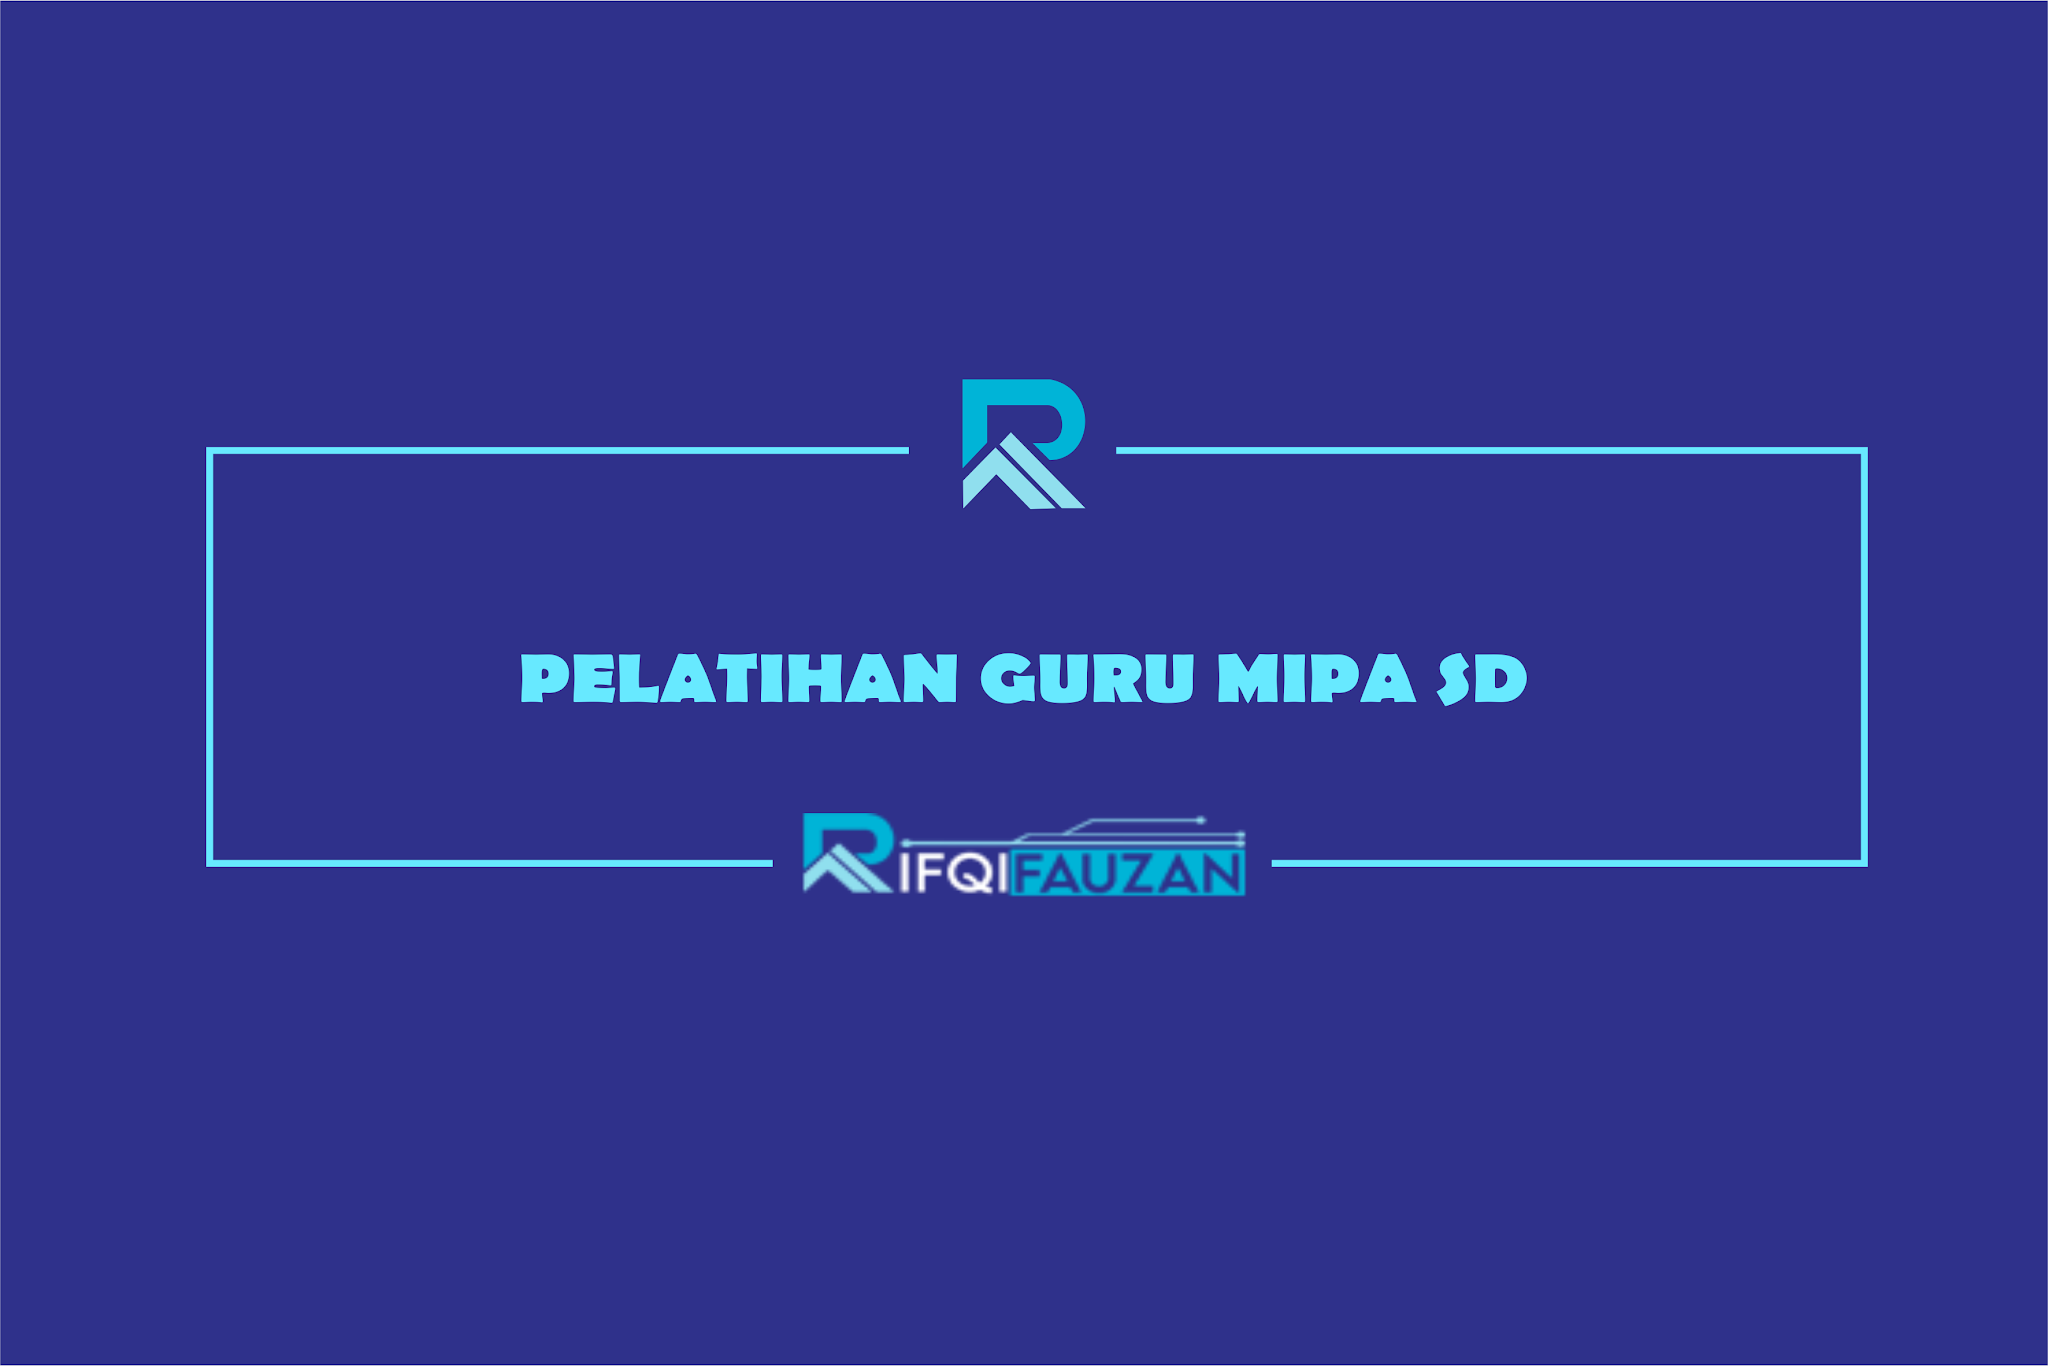 PELATIHAN GURU MIPA SD GRATIS 2020